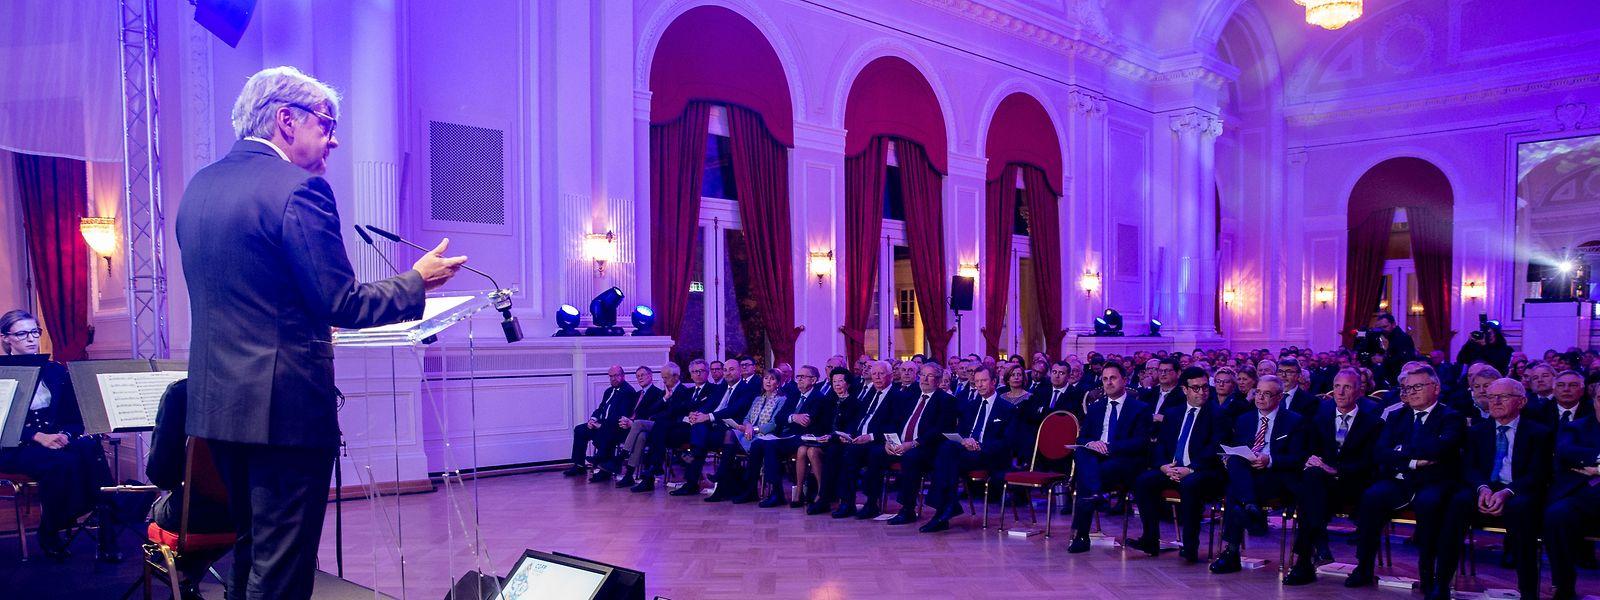 Präsident Romain Wolff dankte den langjährigen Mitgliedern für ihren Einsatz.